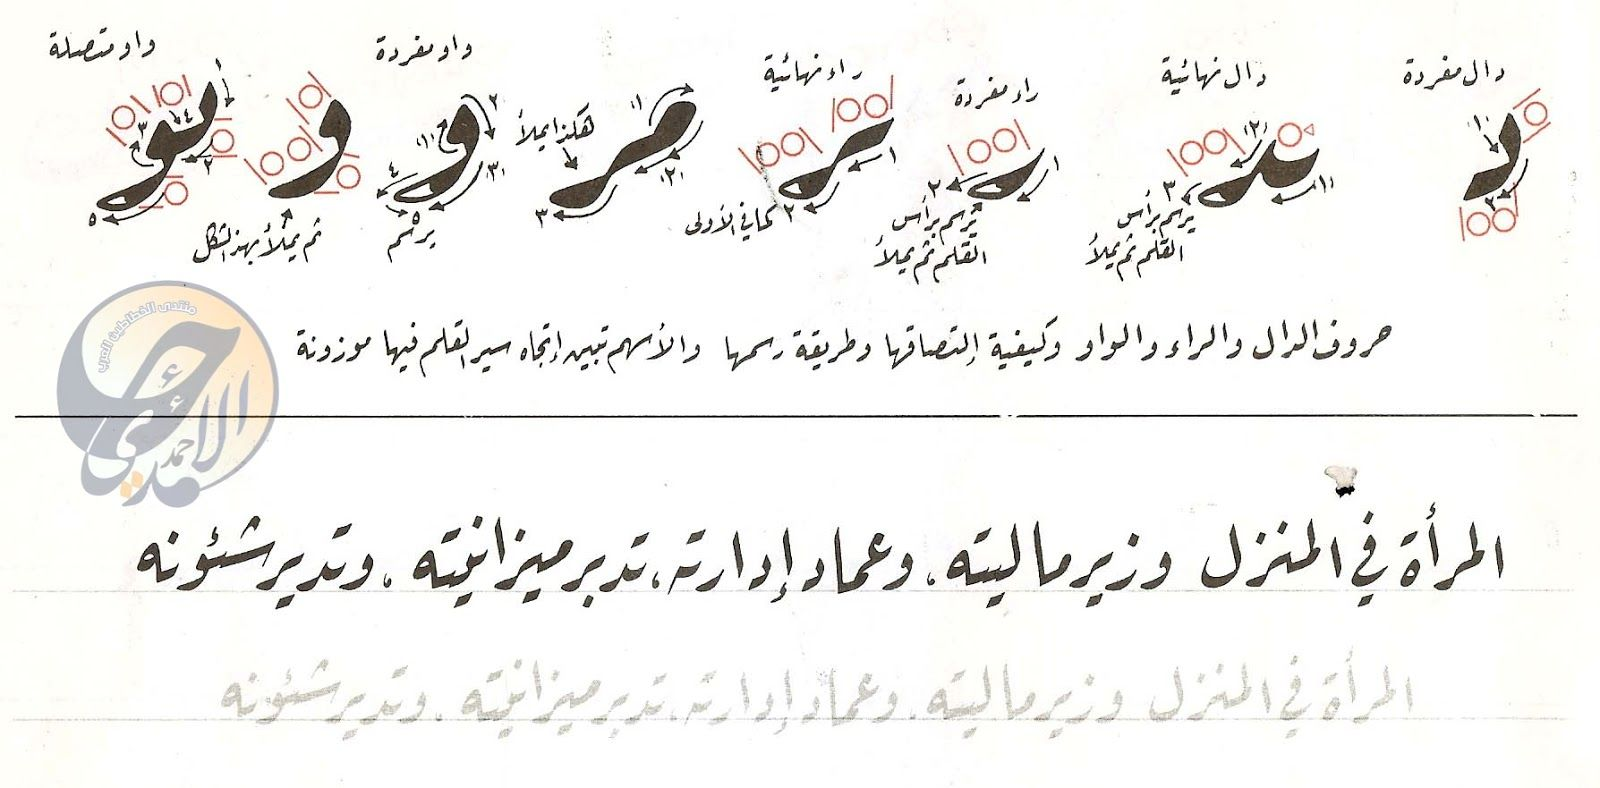 كراسة خط الرقعة للخطاط ناصر عبد الوهاب النصاري Islamic Art Calligraphy Islamic Art Arabic Calligraphy